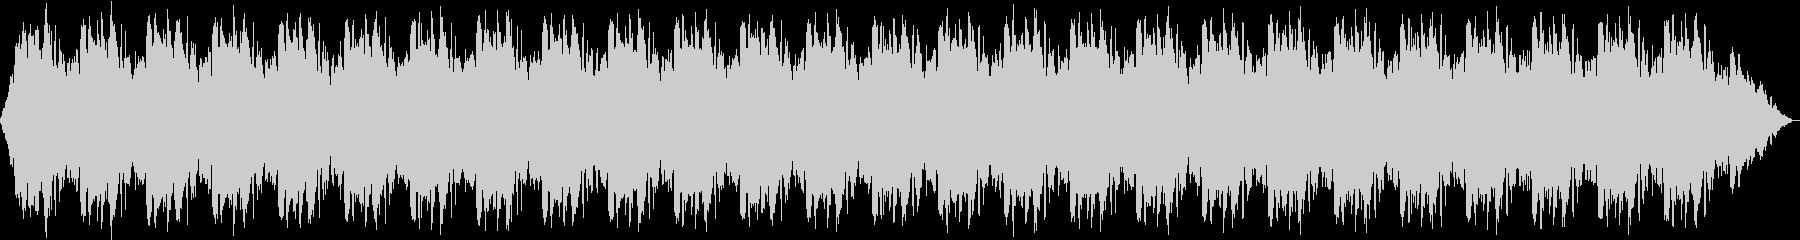 魔法詠唱、魔法発動、独白 10の未再生の波形